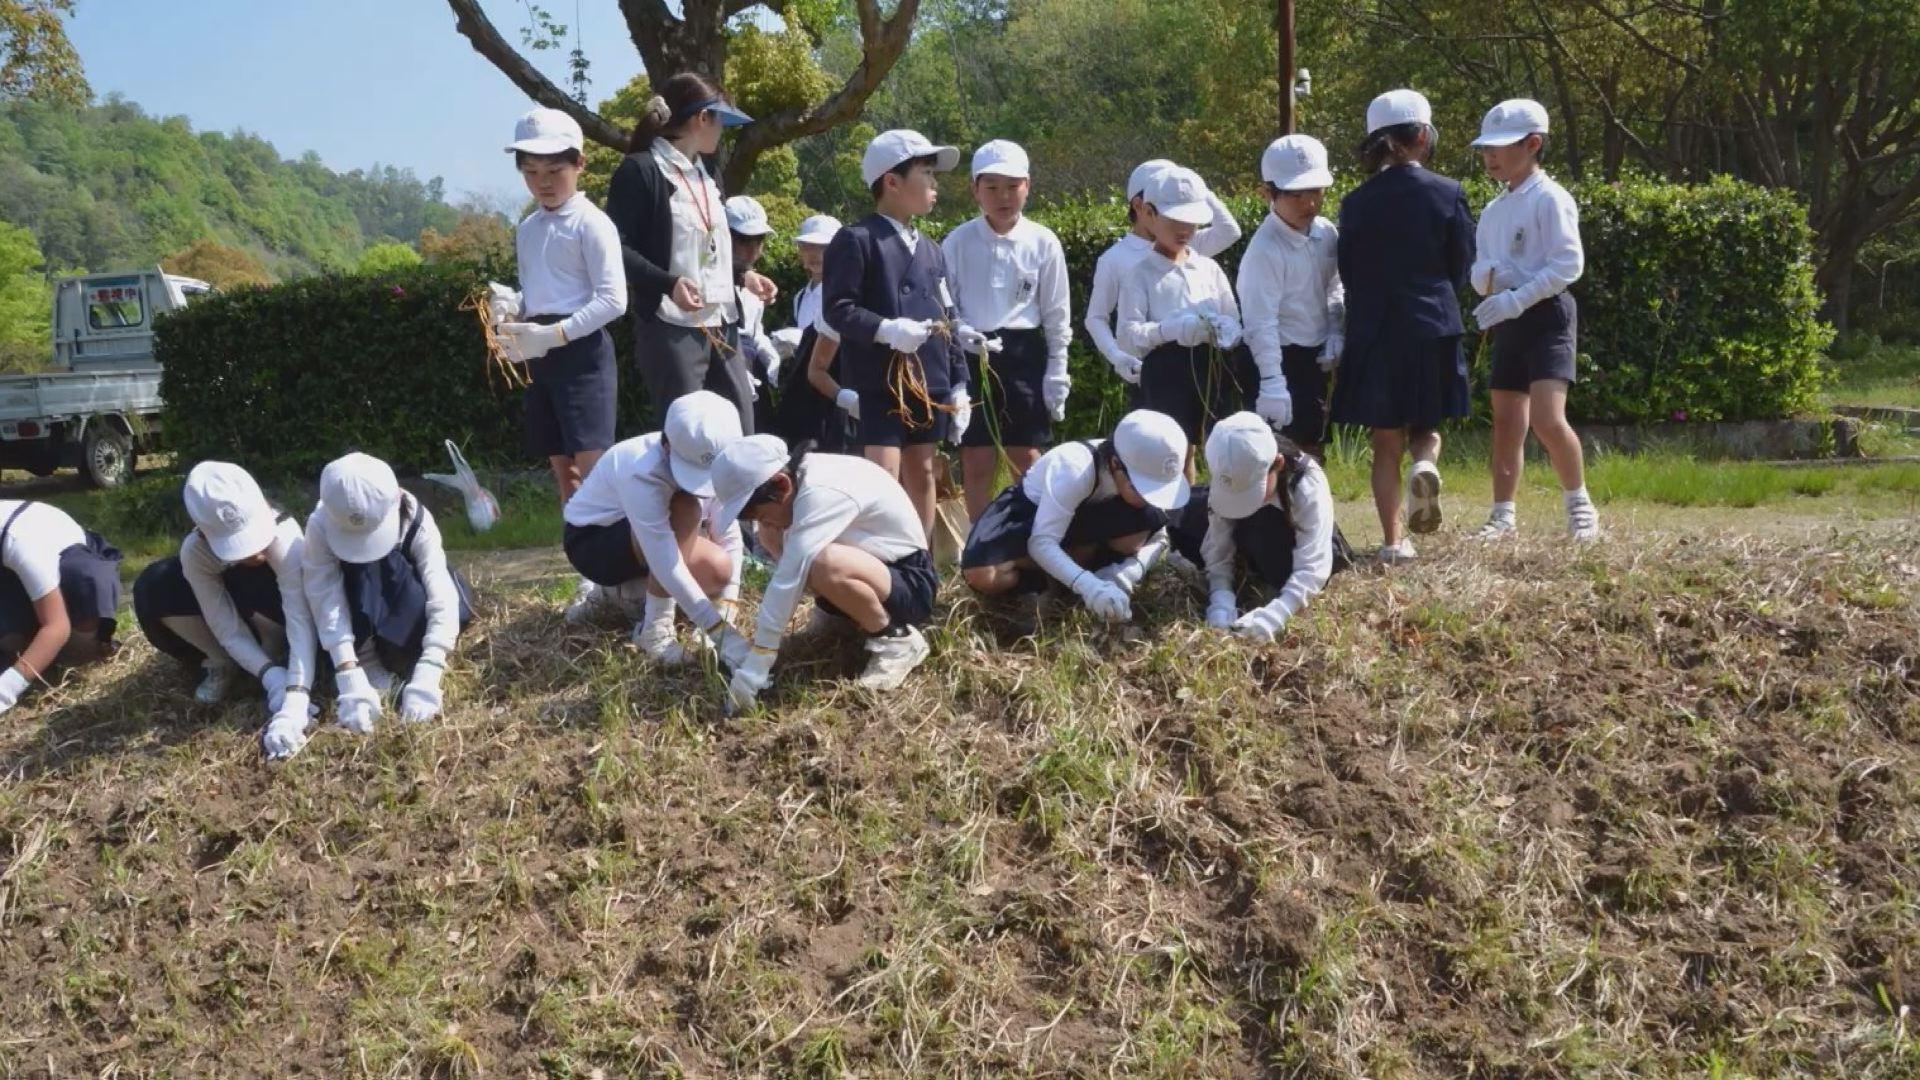 球根を植える小学生(画像提供:堂々川ホタル同好会)